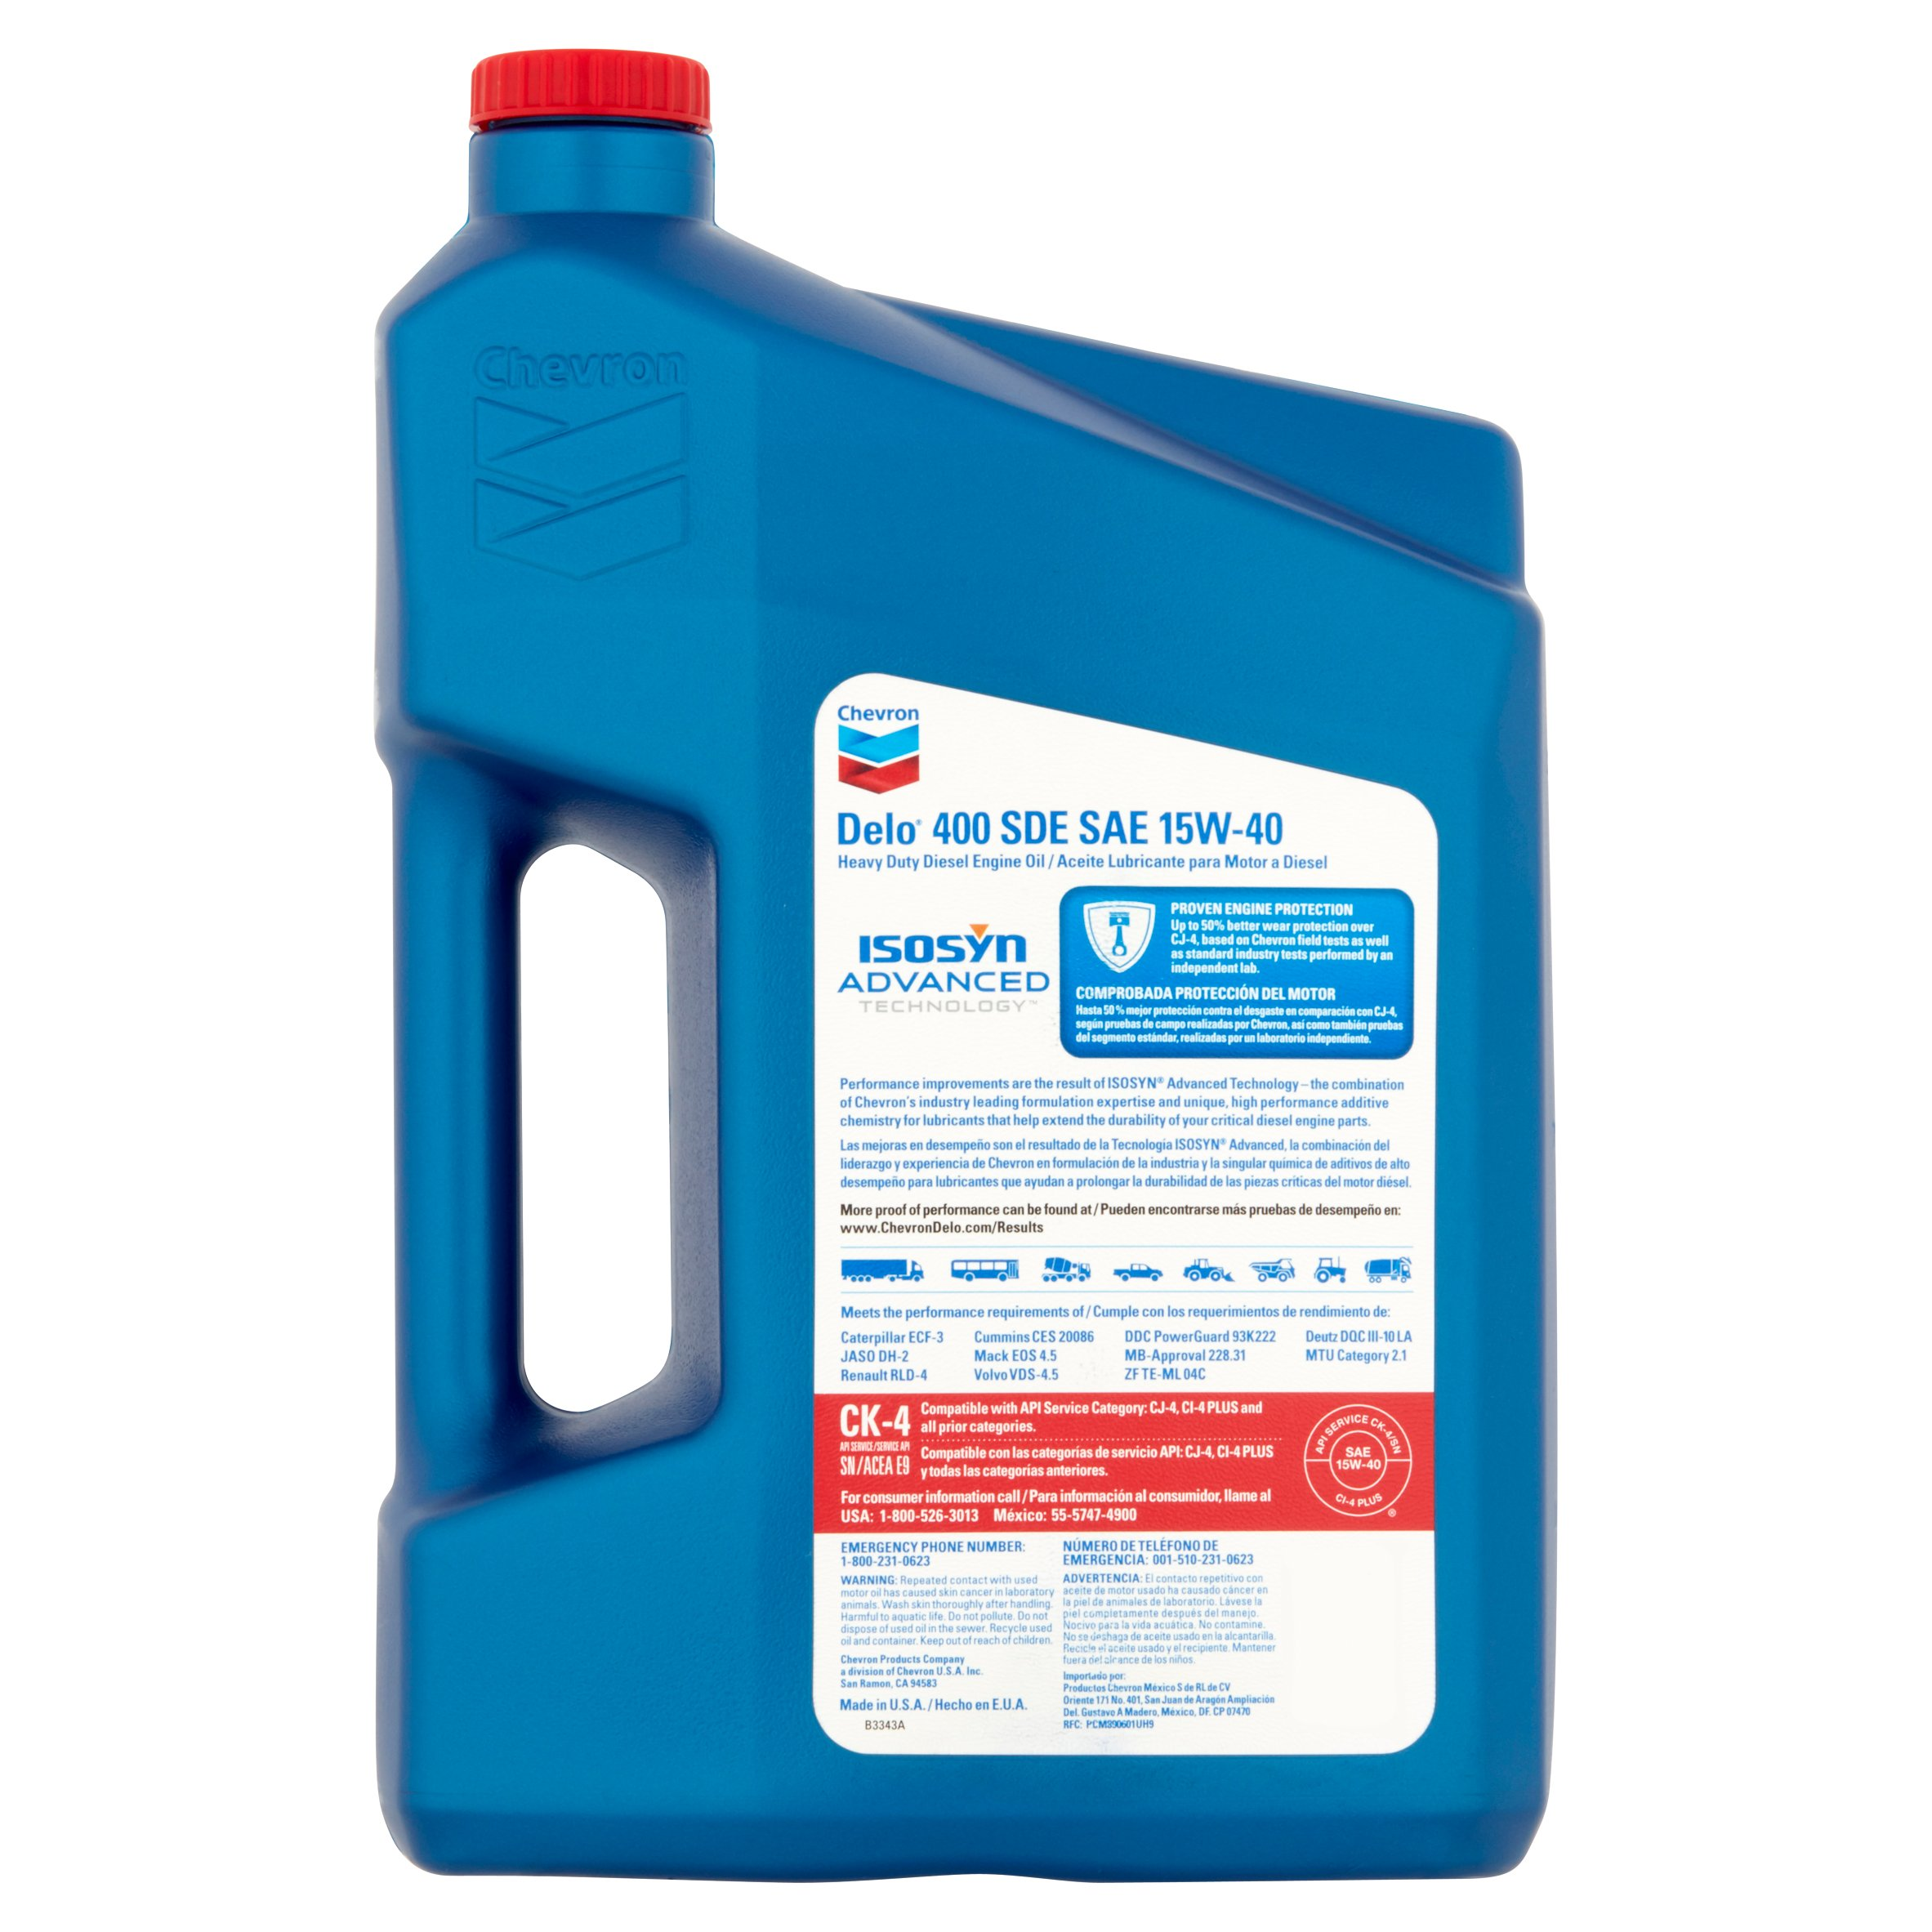 Chevron Delo 400 SDE SAE 15W-40, 1 GALLON - Walmart com